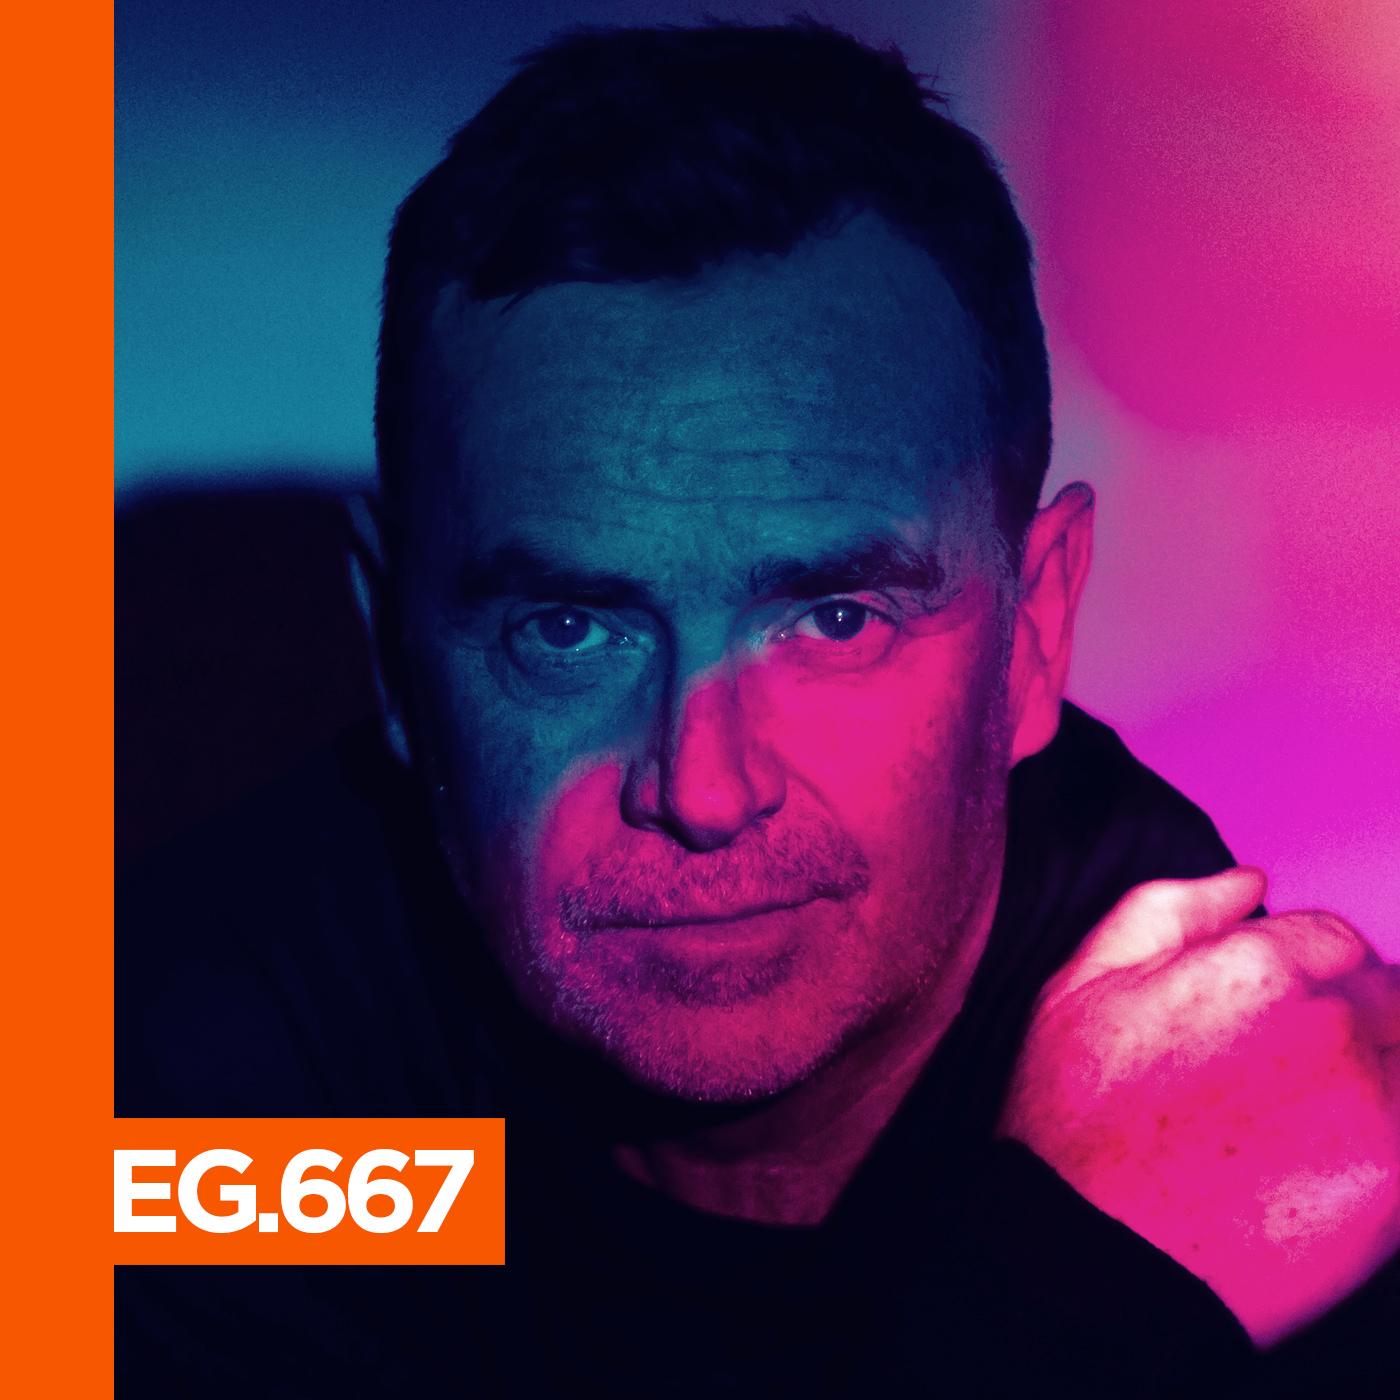 EG.667 Nick Warren